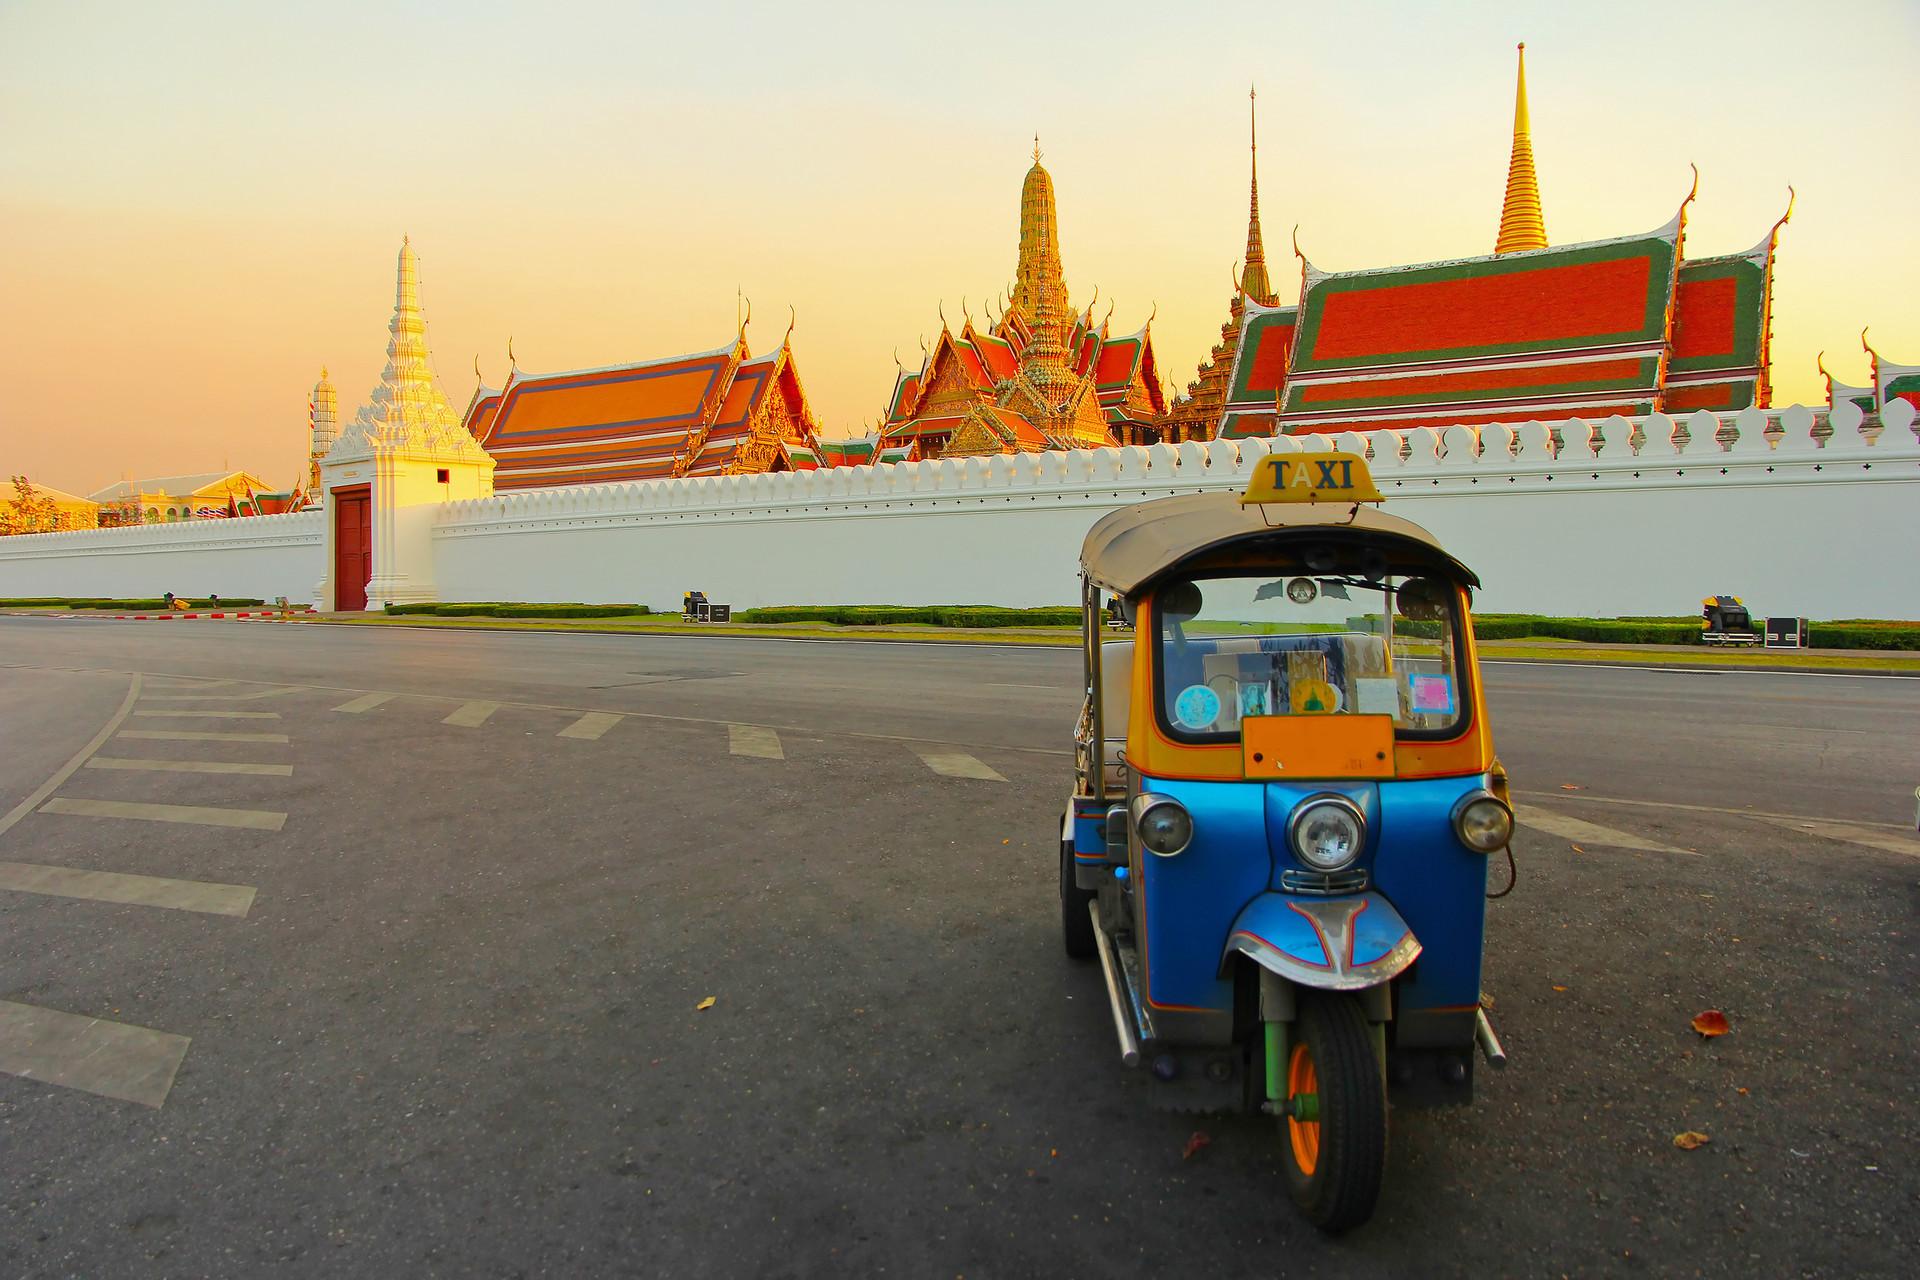 Thailand-Bankgok-Tuk-Tuk-127405046